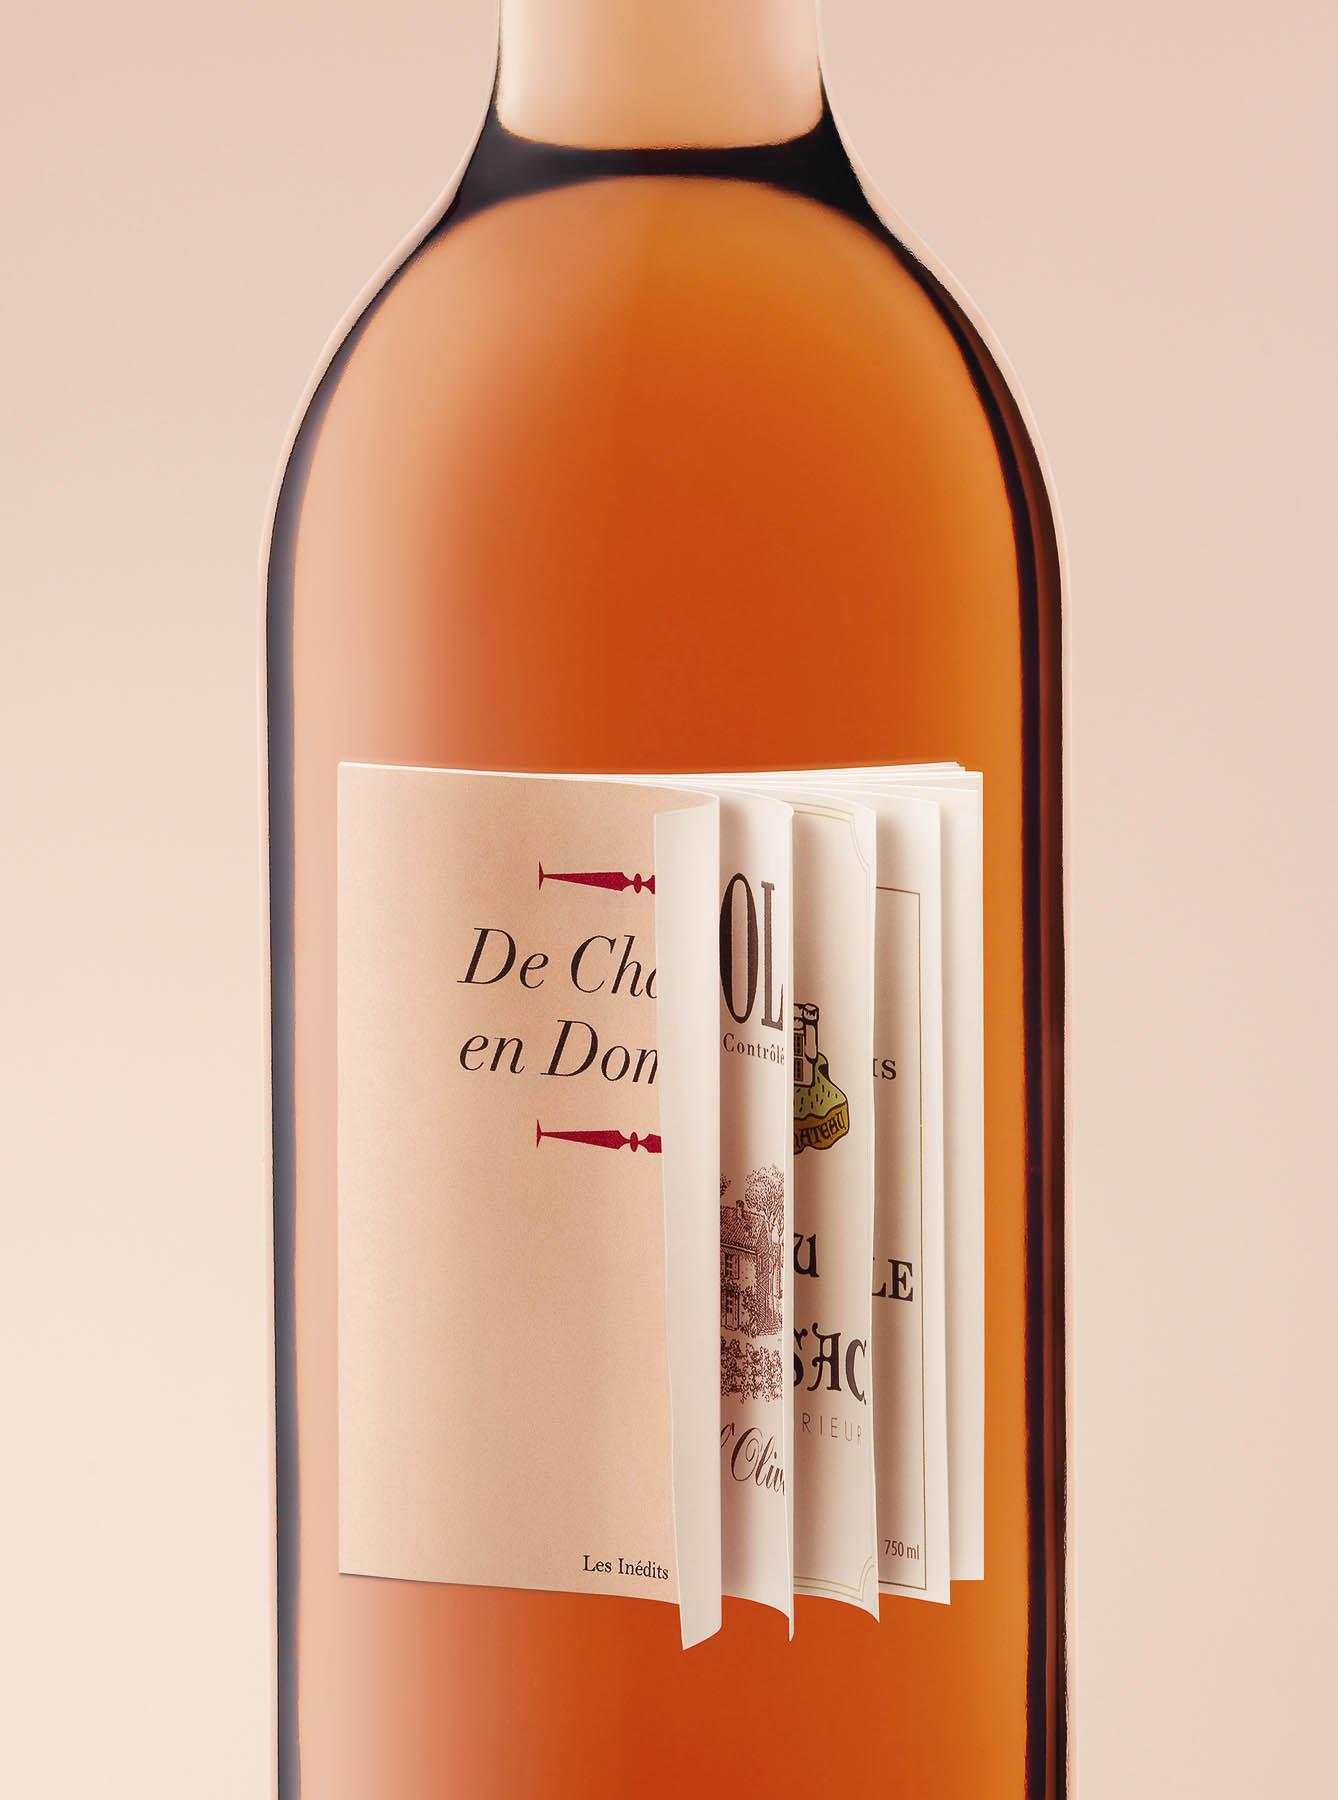 Dessert wine - Wine bottle